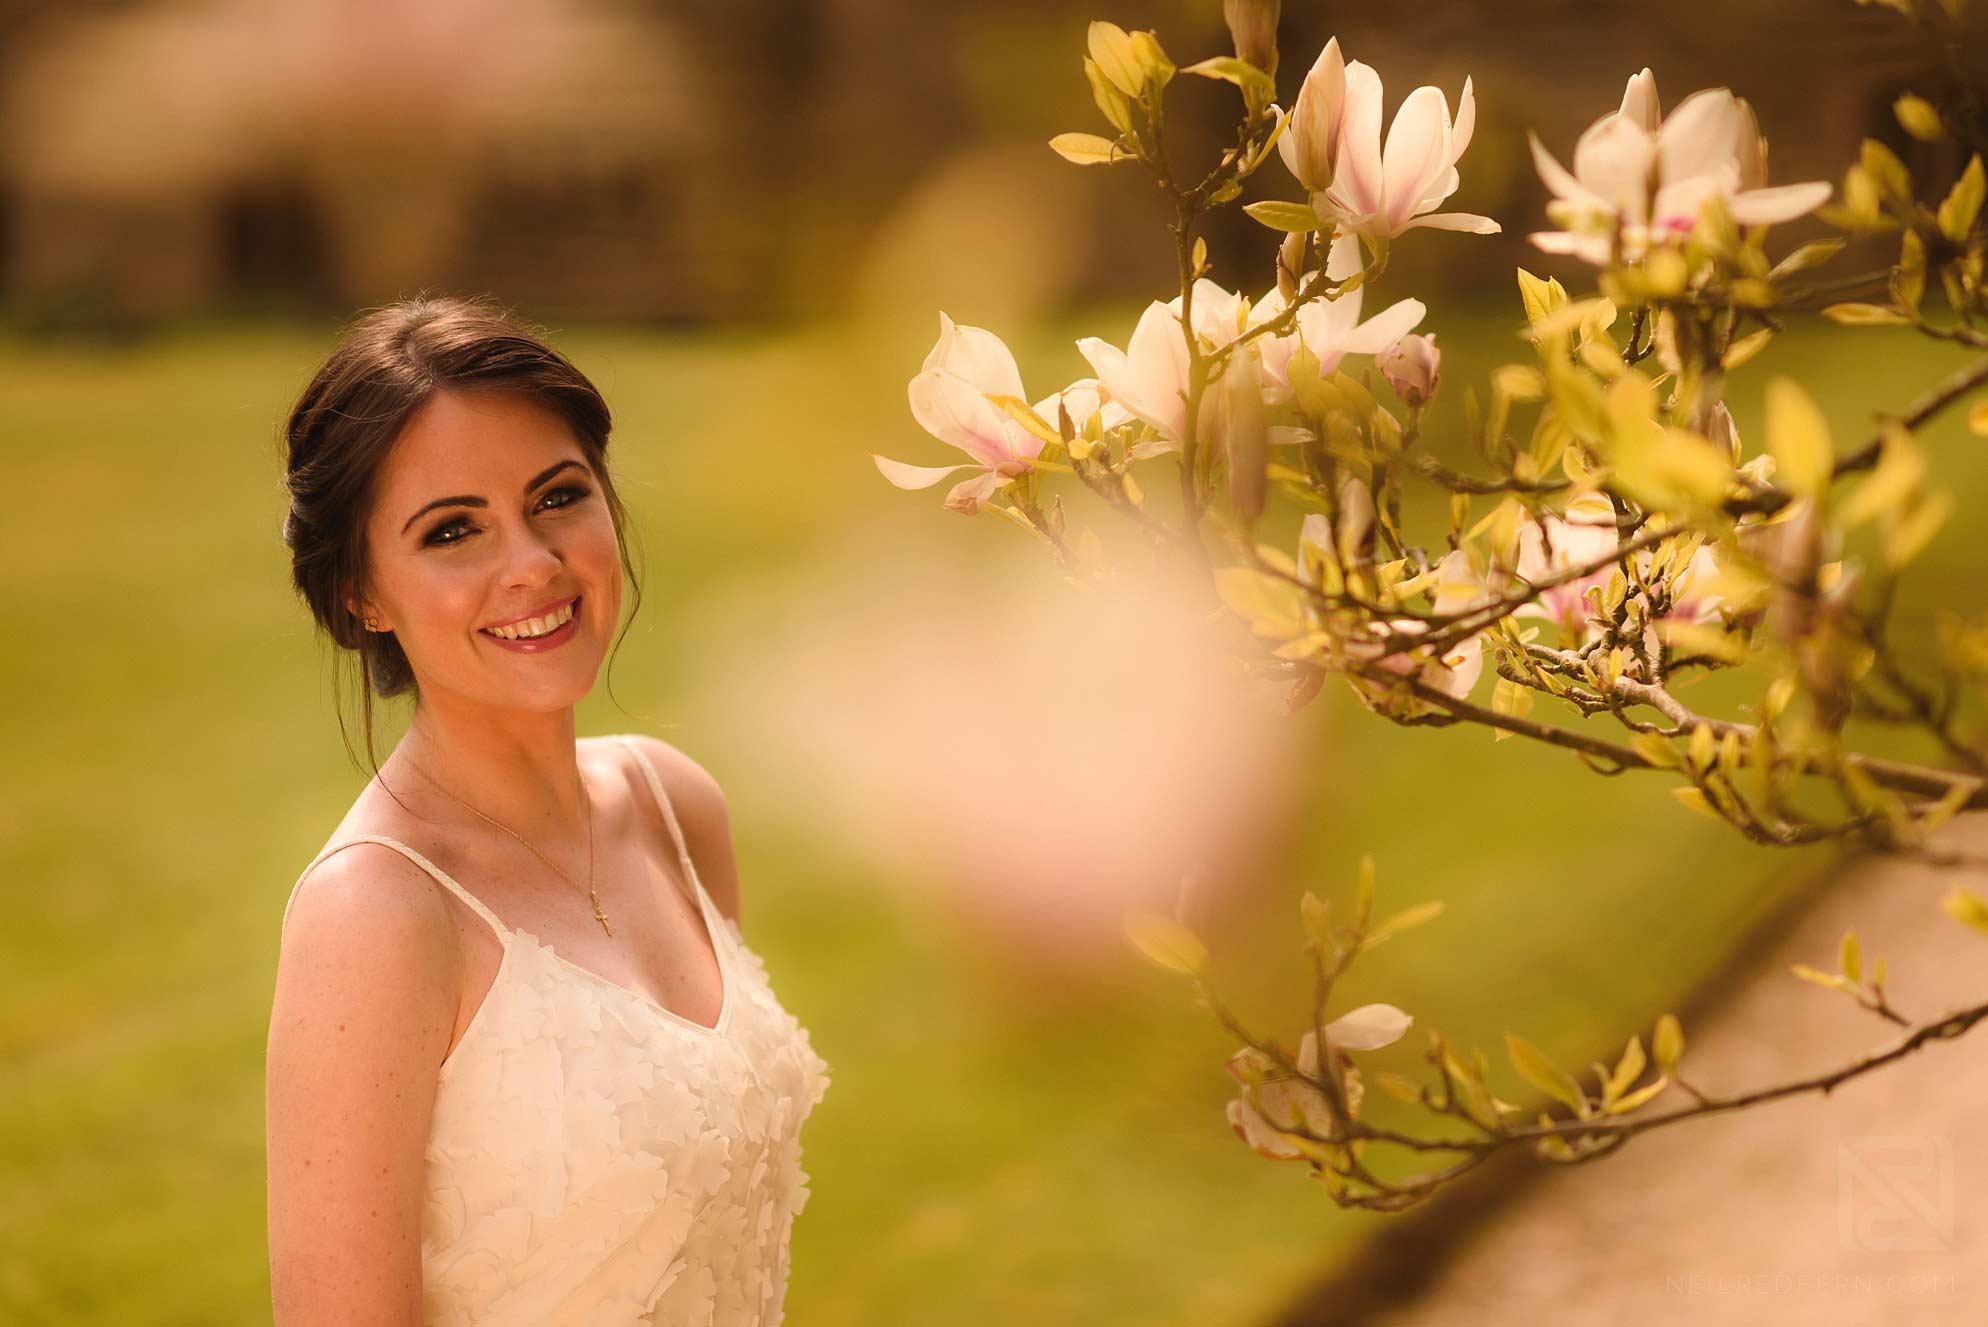 wedding-photography-training-4